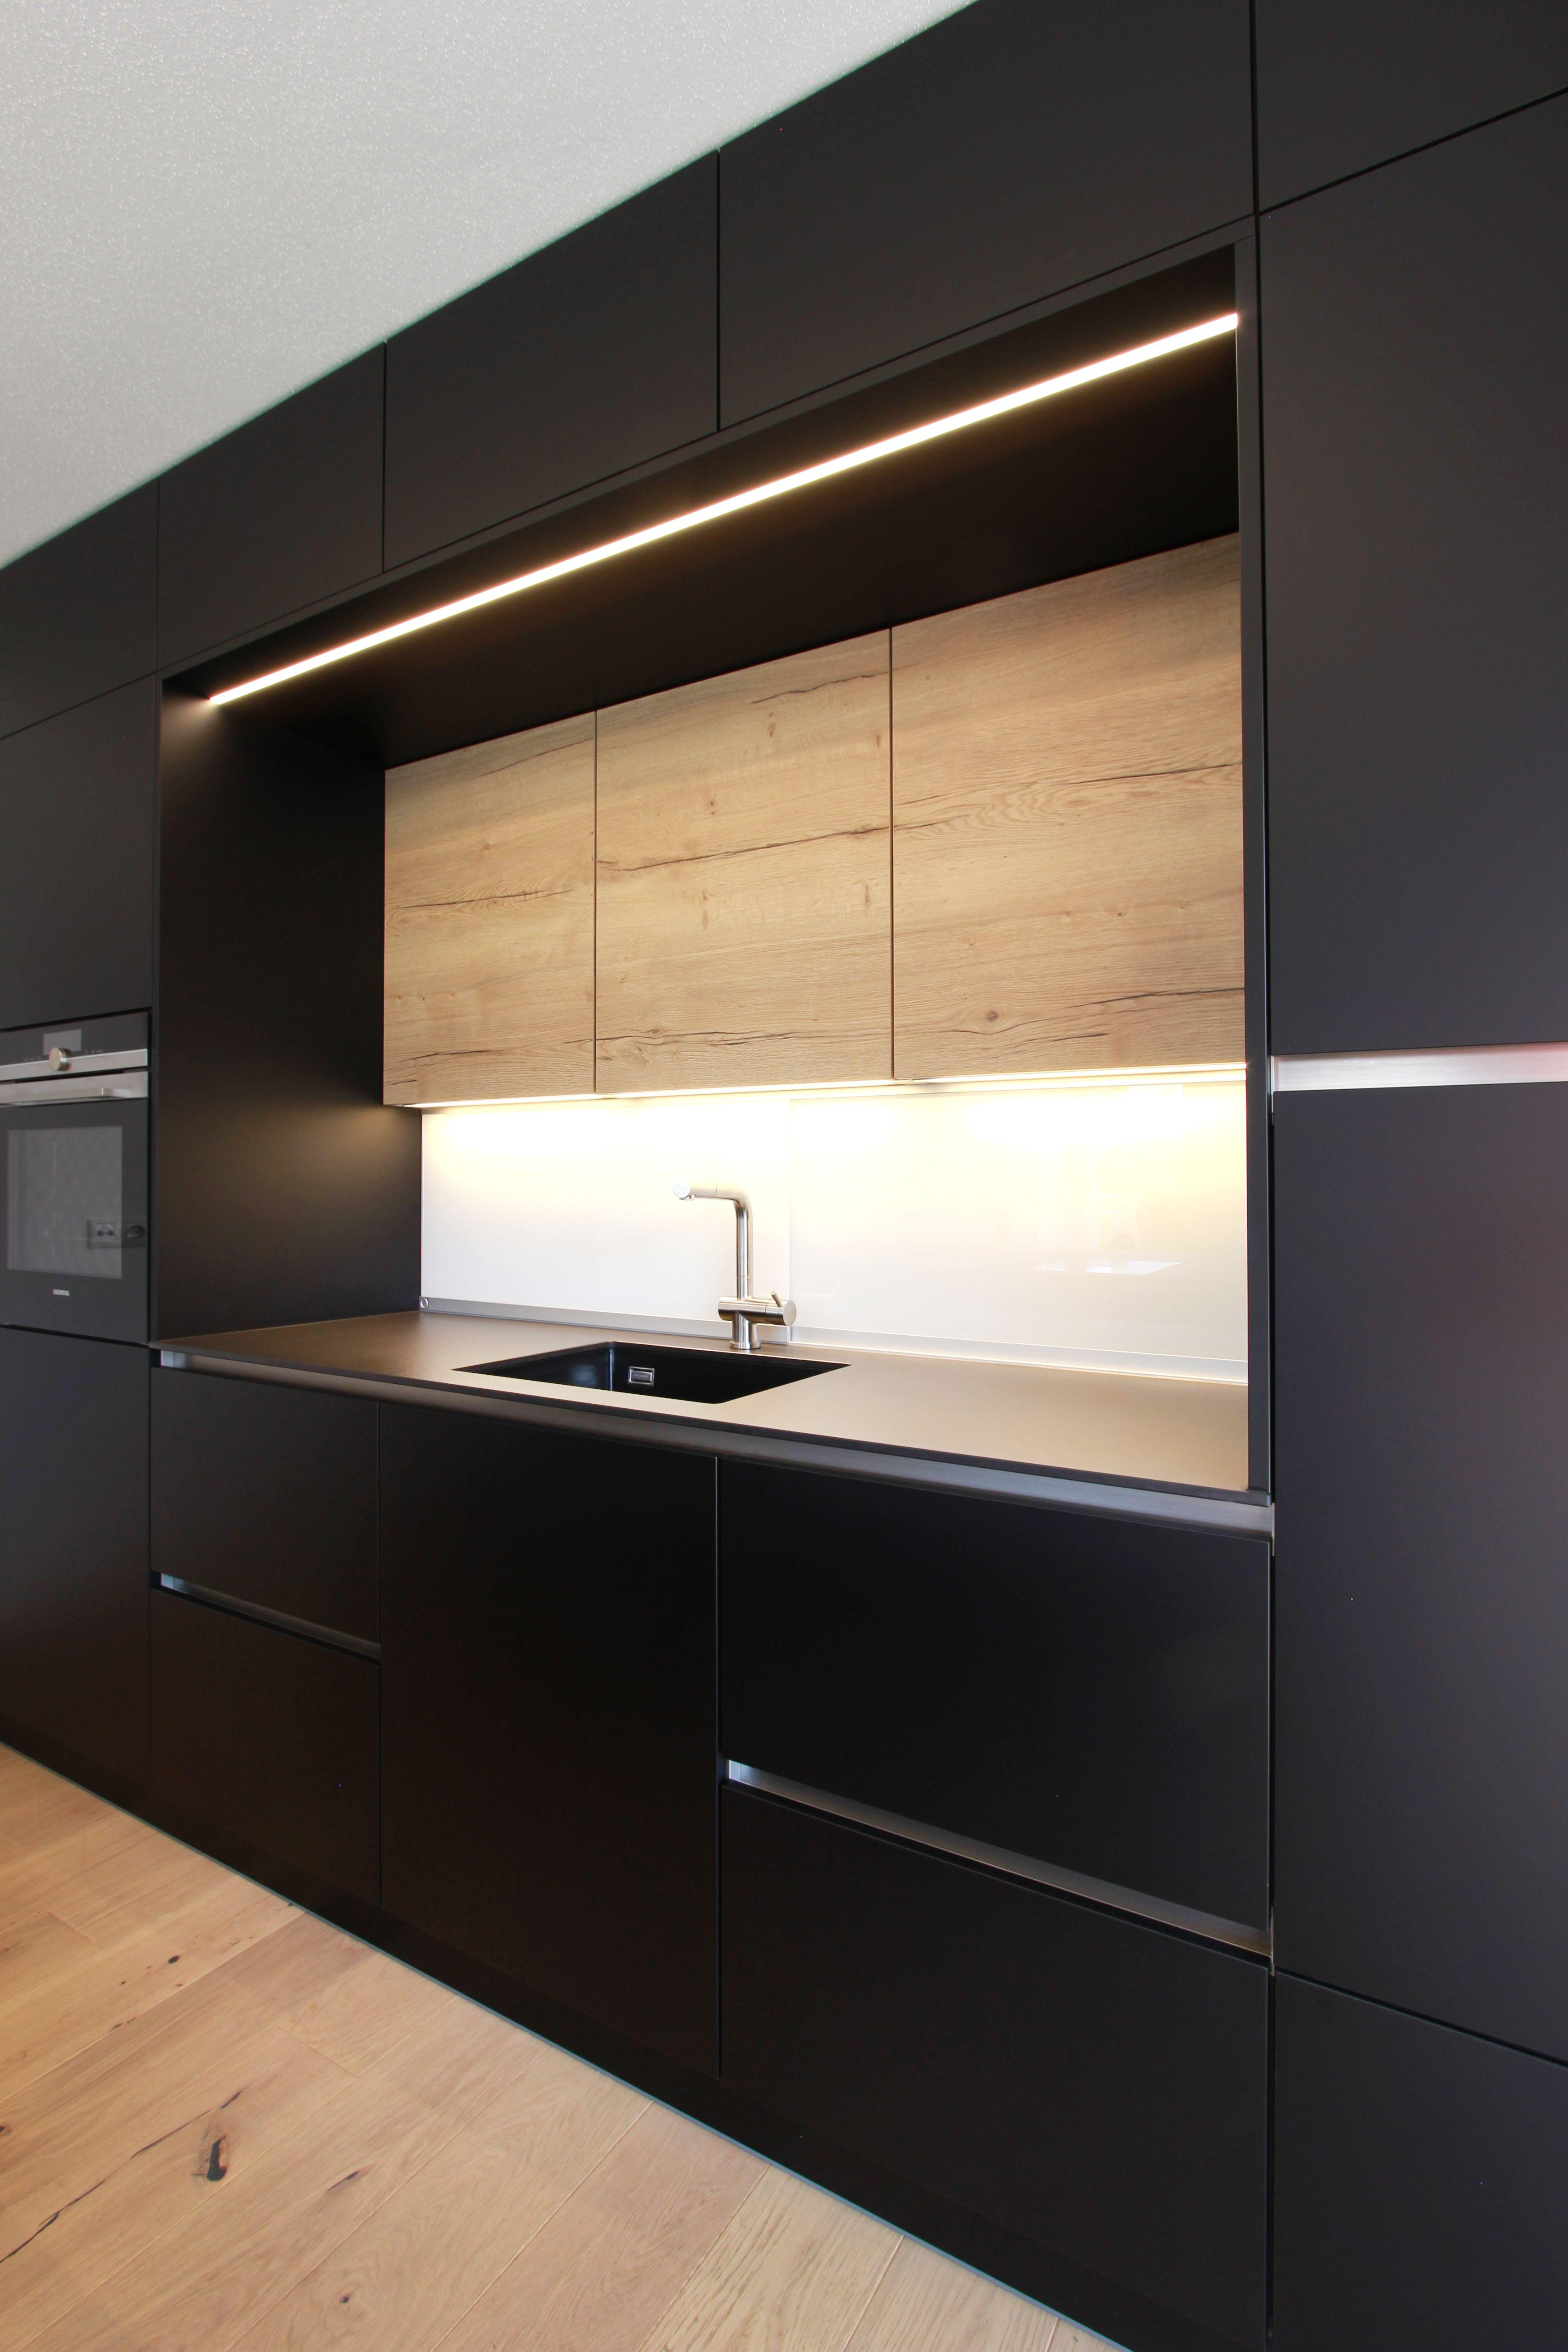 Schwarze Grifflose Moderne Kuche Mit Eingefraster Led Beleuchtung Und Keramikarbeitsplatte Kuche Schwarz Kuchendesign Modern Style At Home